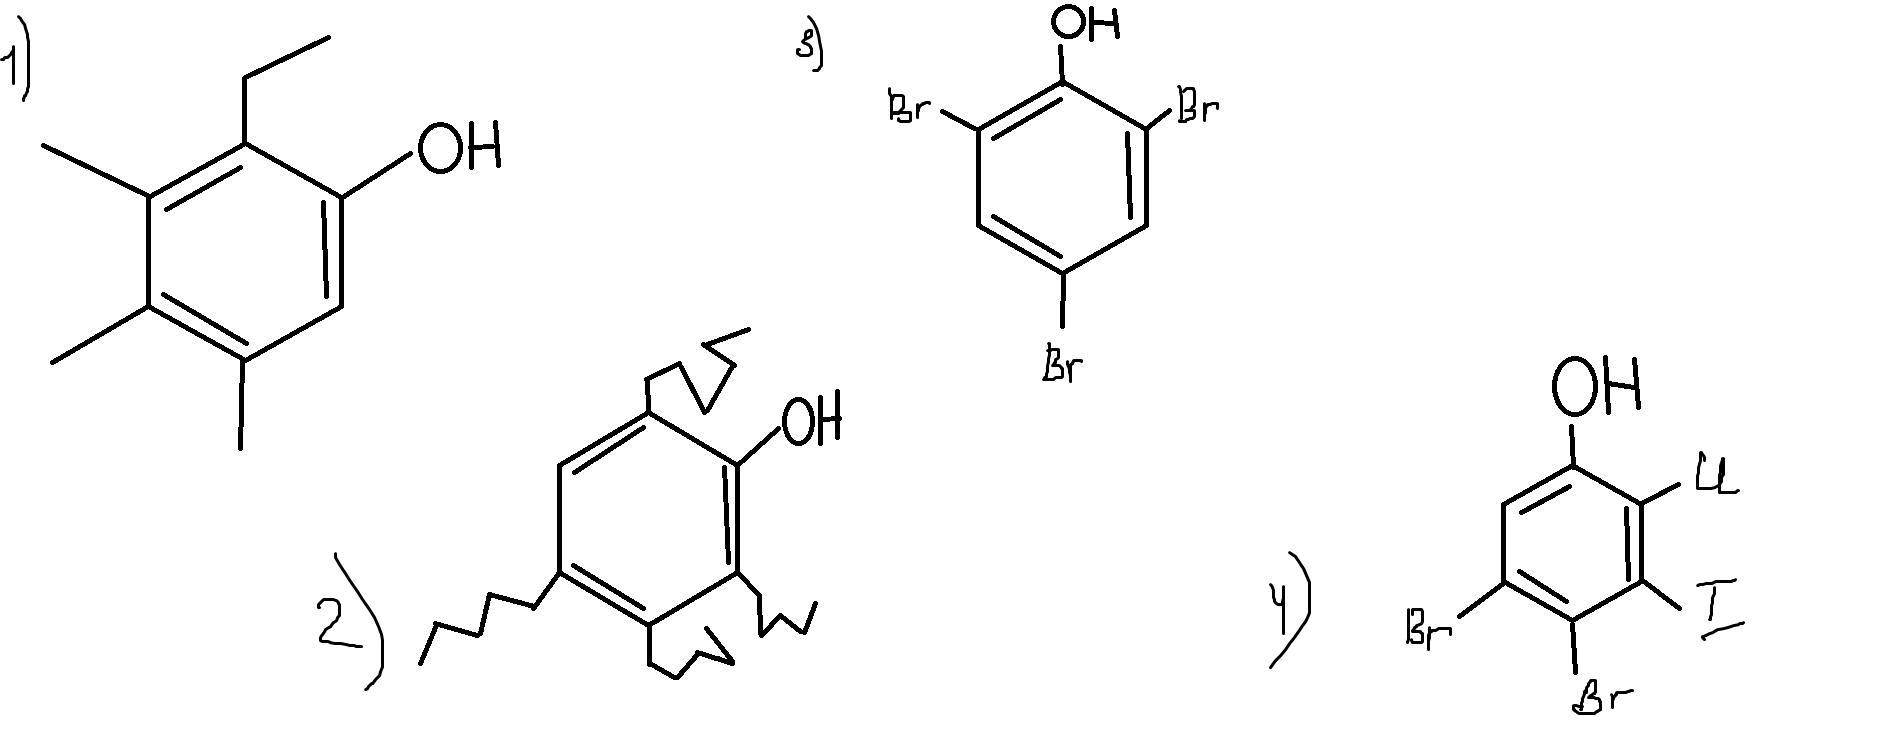 Напишите формулы 3,4,5 триметил- 6 этилфенол;